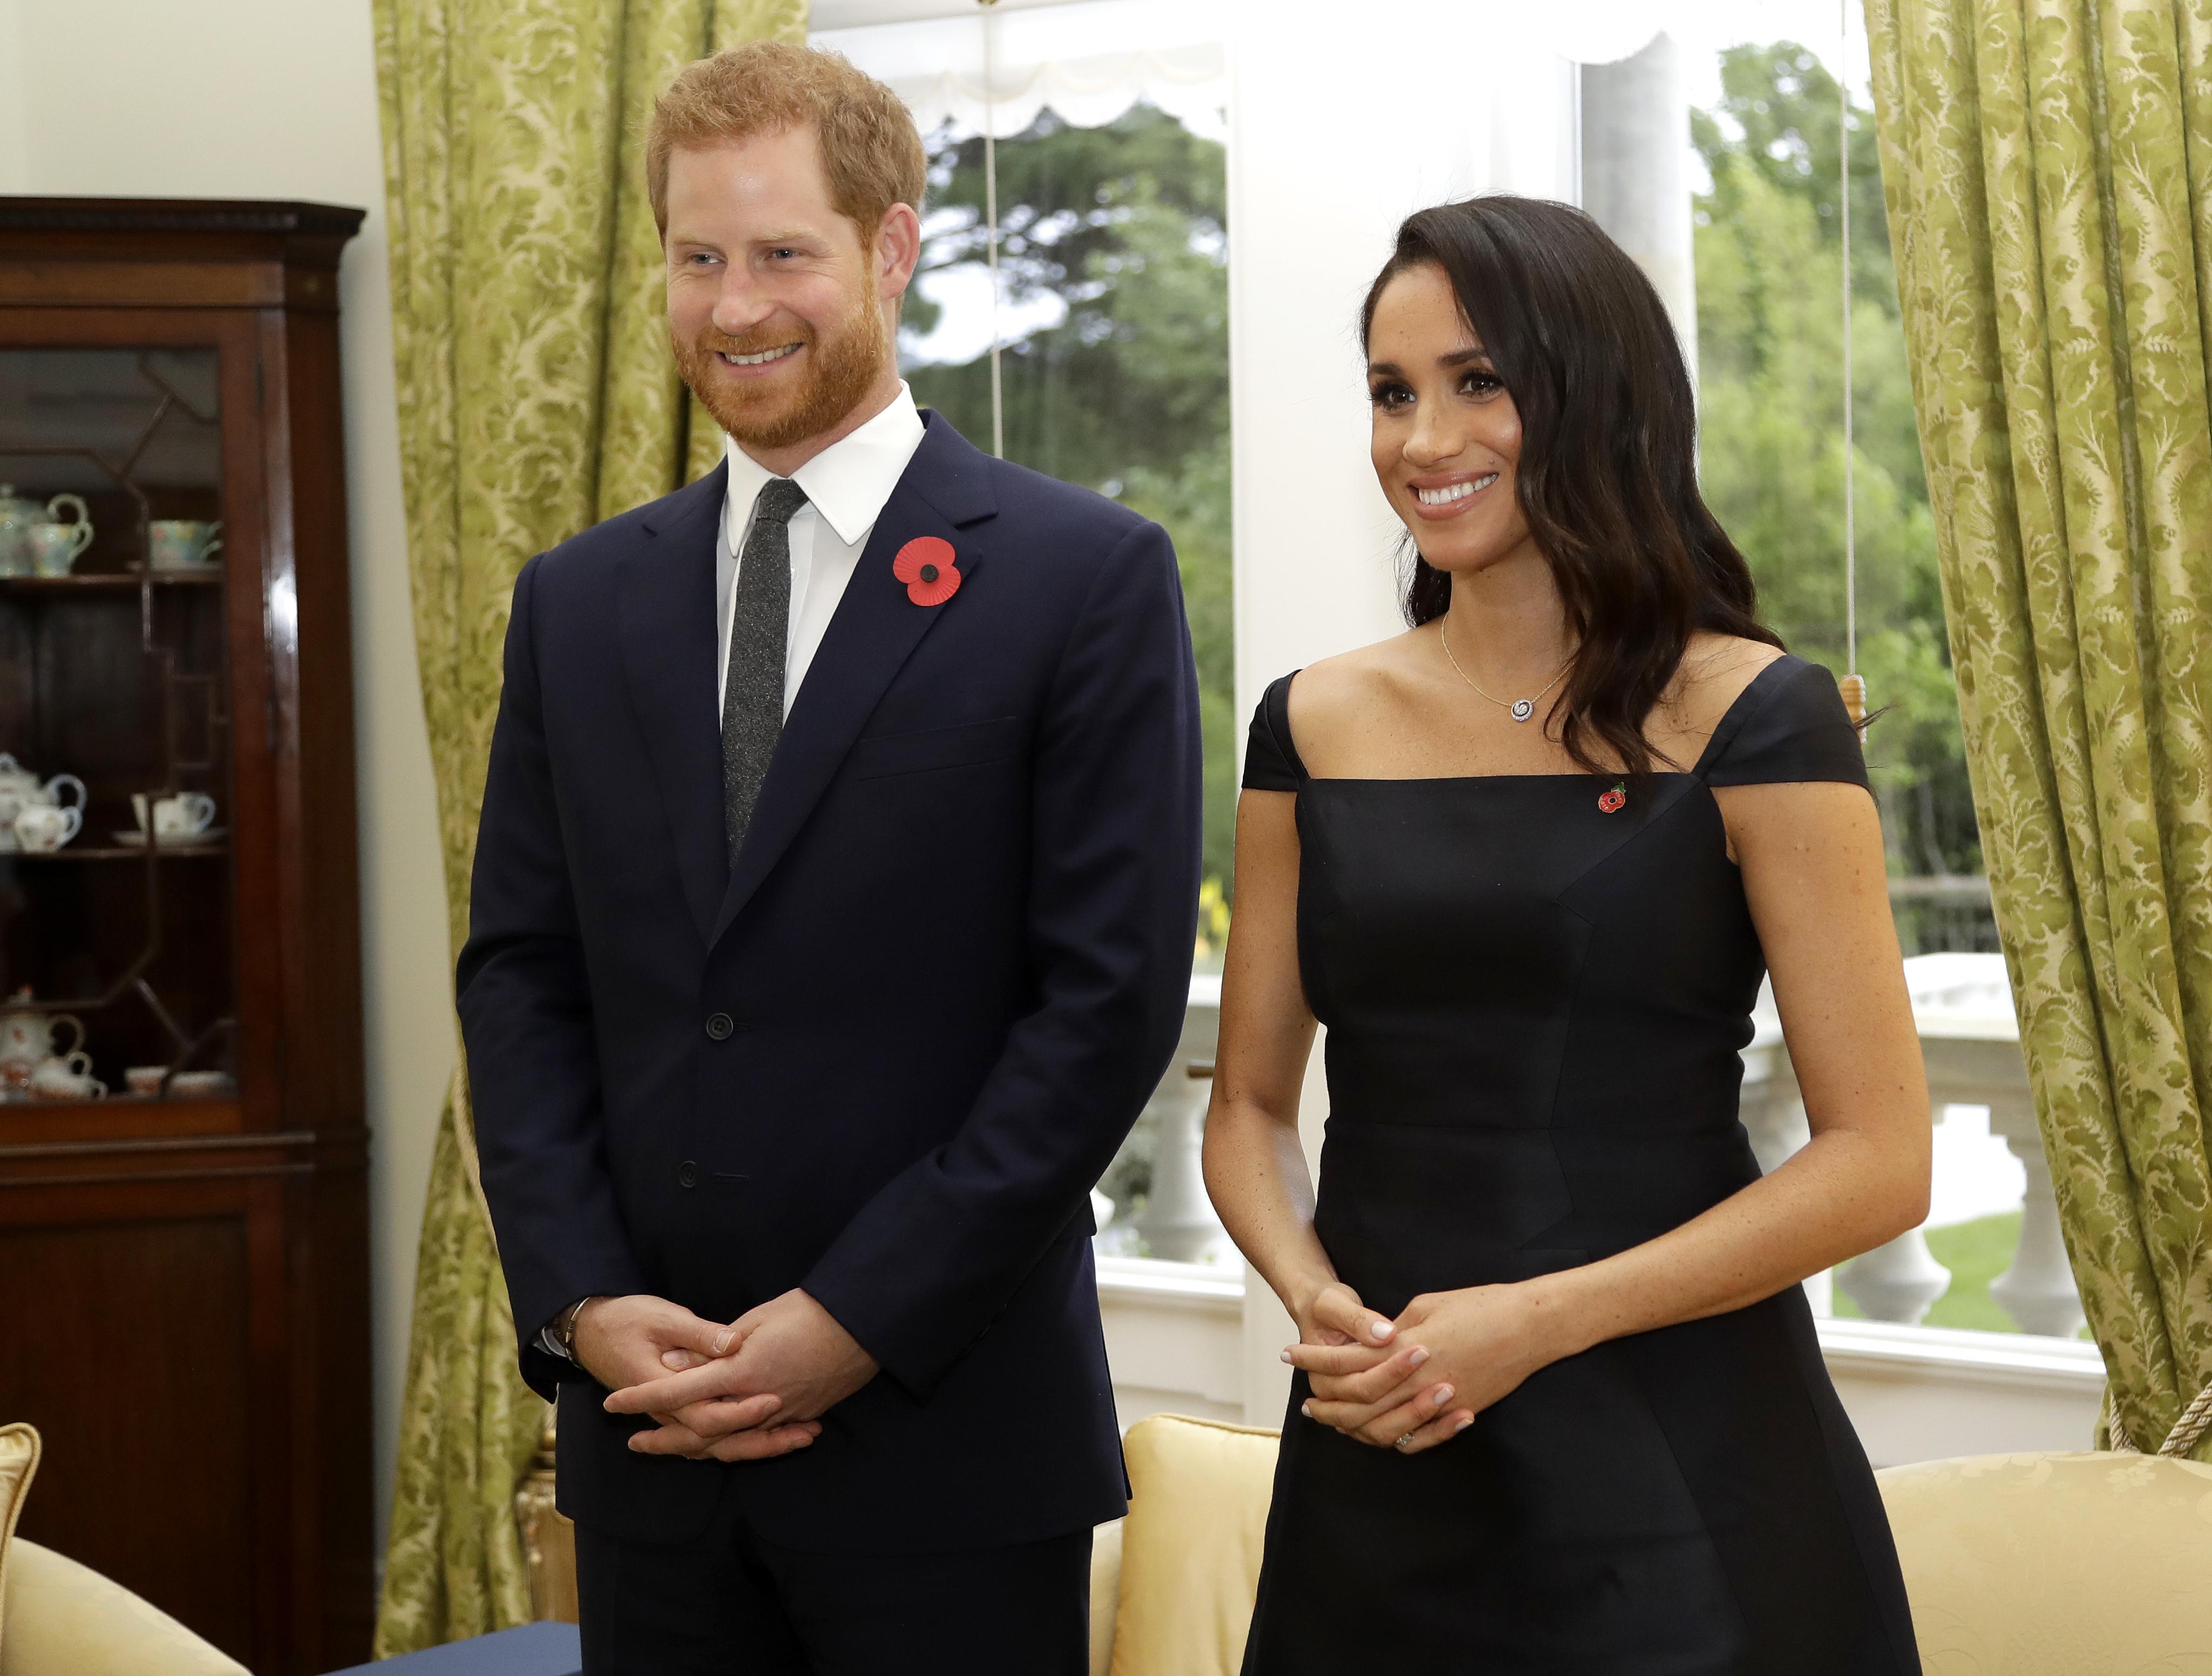 Принц Филипп не включил в завещание Меган Маркл и принца Гарри